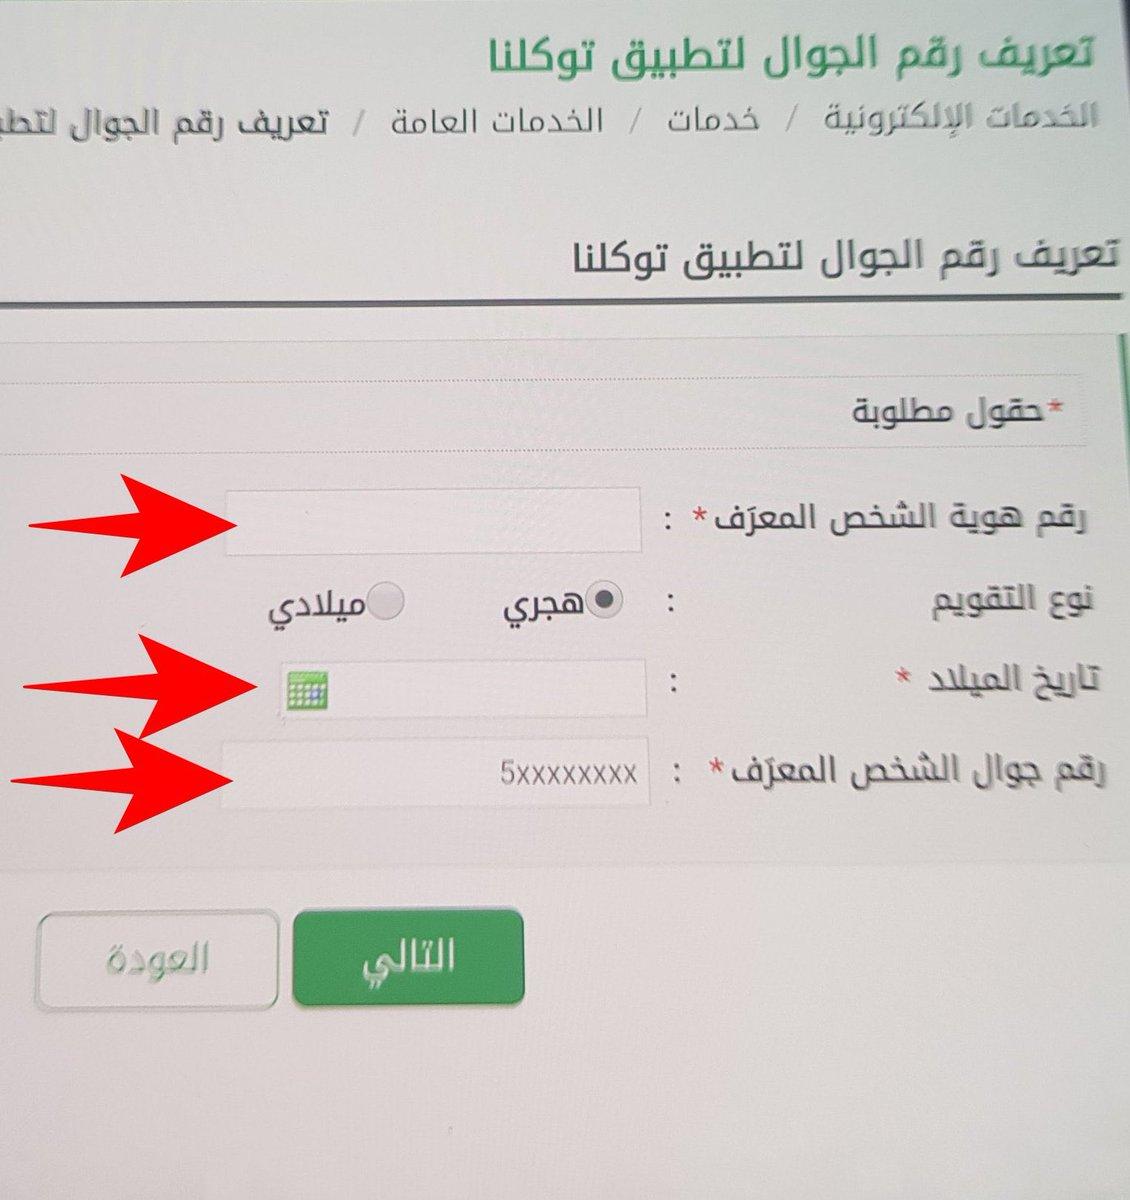 عماد الشريف Ar Twitter فيديو طريقة إضافة رقم الجوال للأبناء في أبشر في حالة عدم ظهور بياناتهم في توكلنا Https T Co Yqr3ewzlql